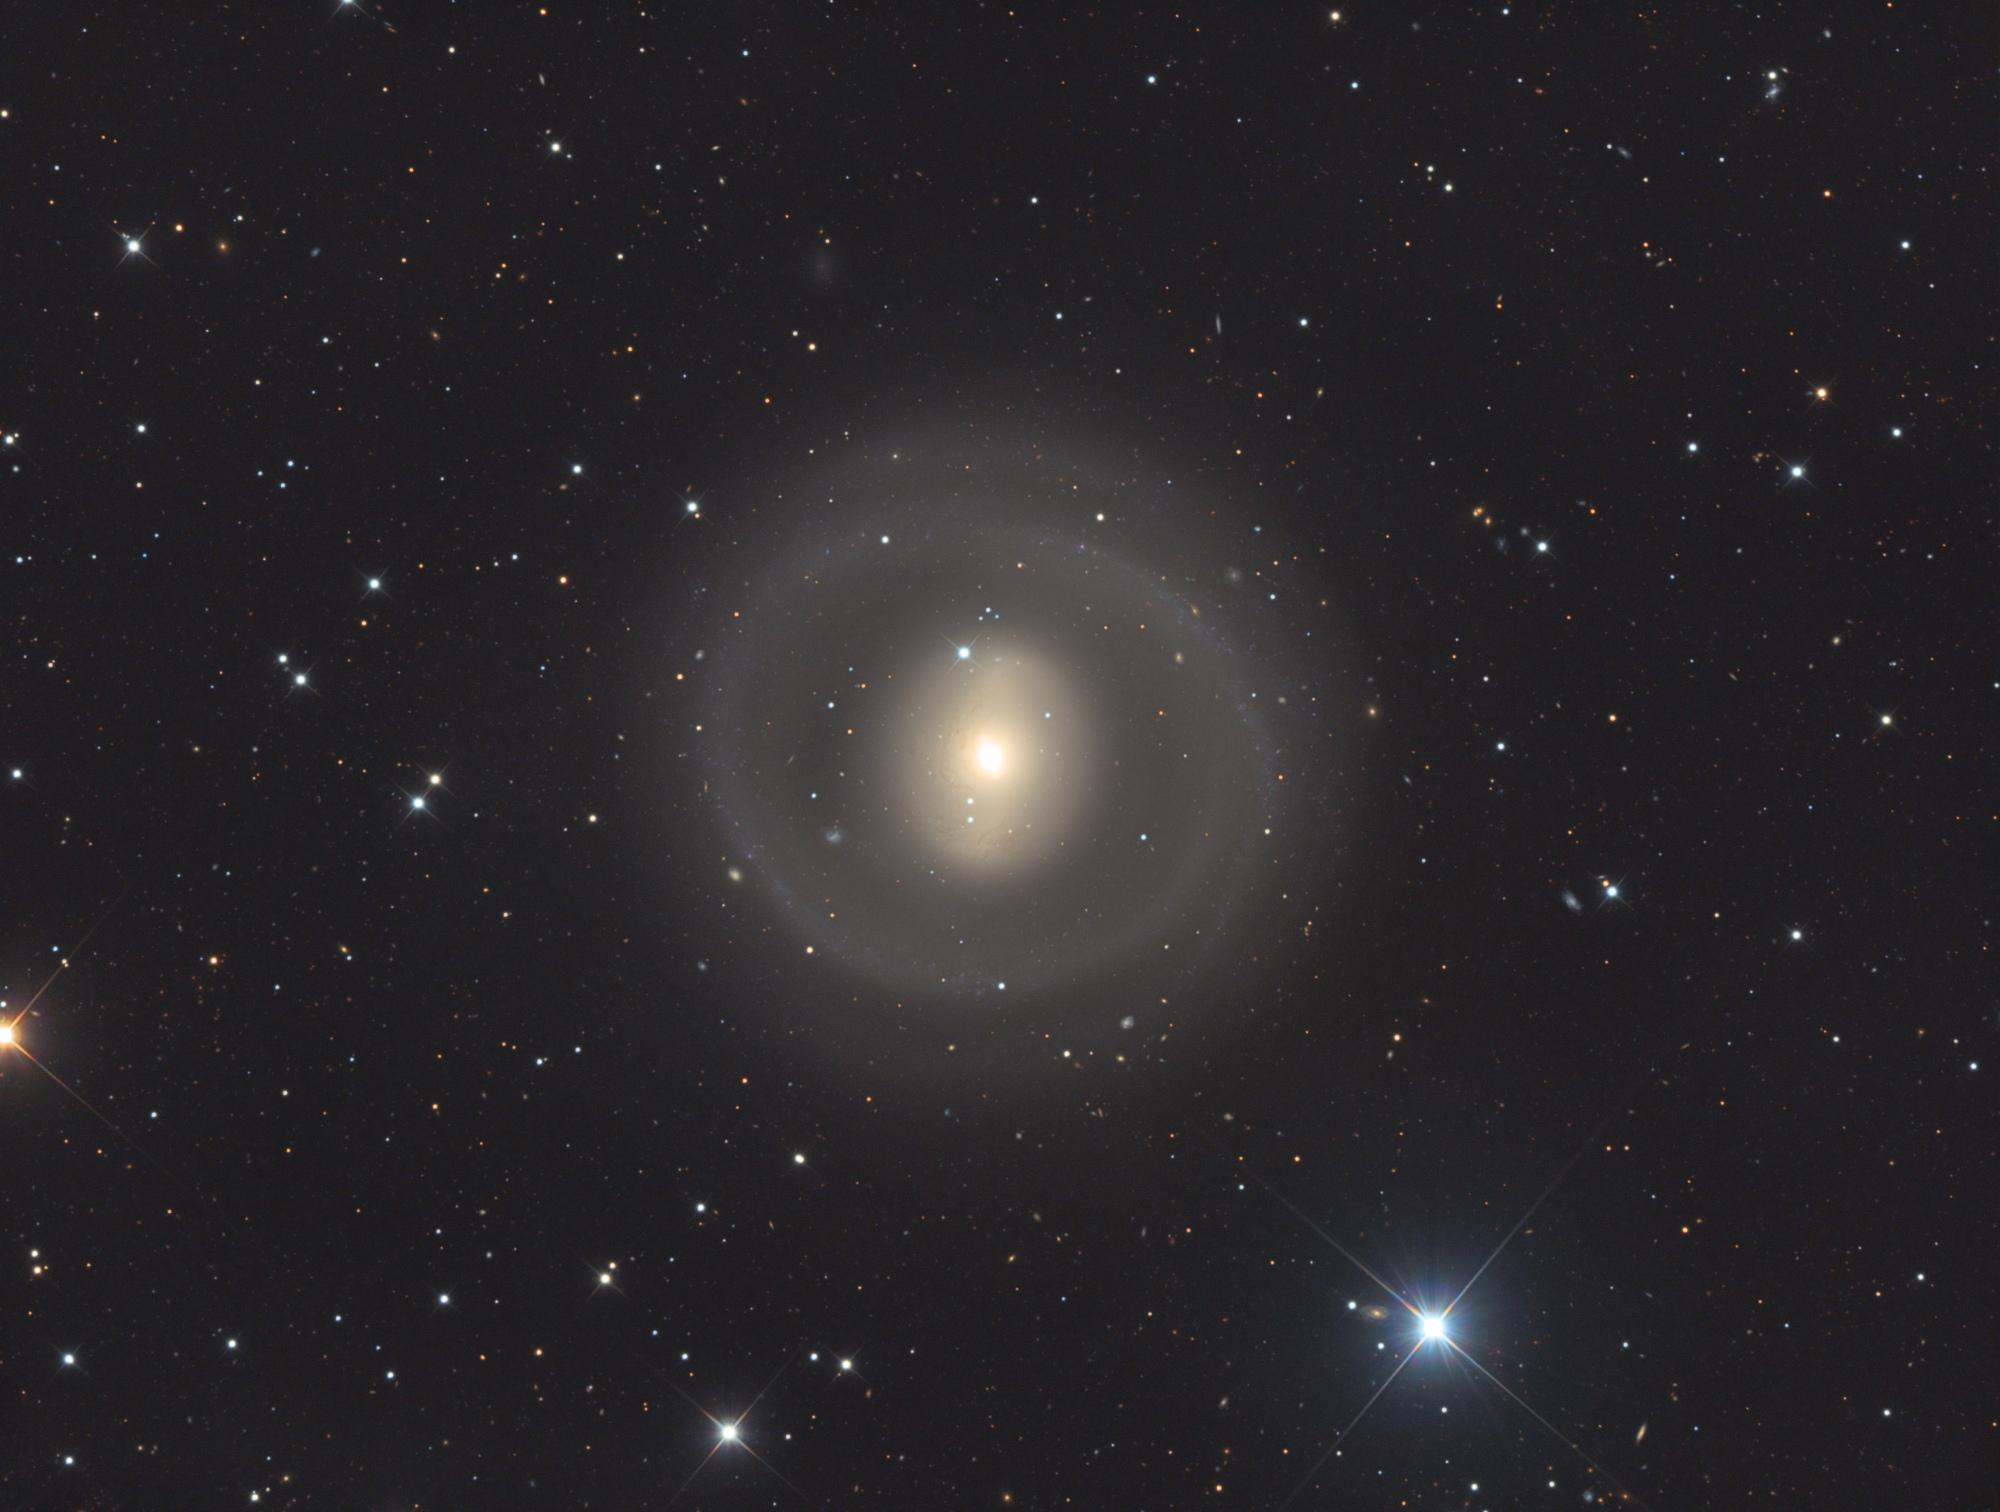 NGC1291-LRVB-V4-Publi.thumb.jpg.6770eb1db59b500eff8c13d1ad95892a.jpg